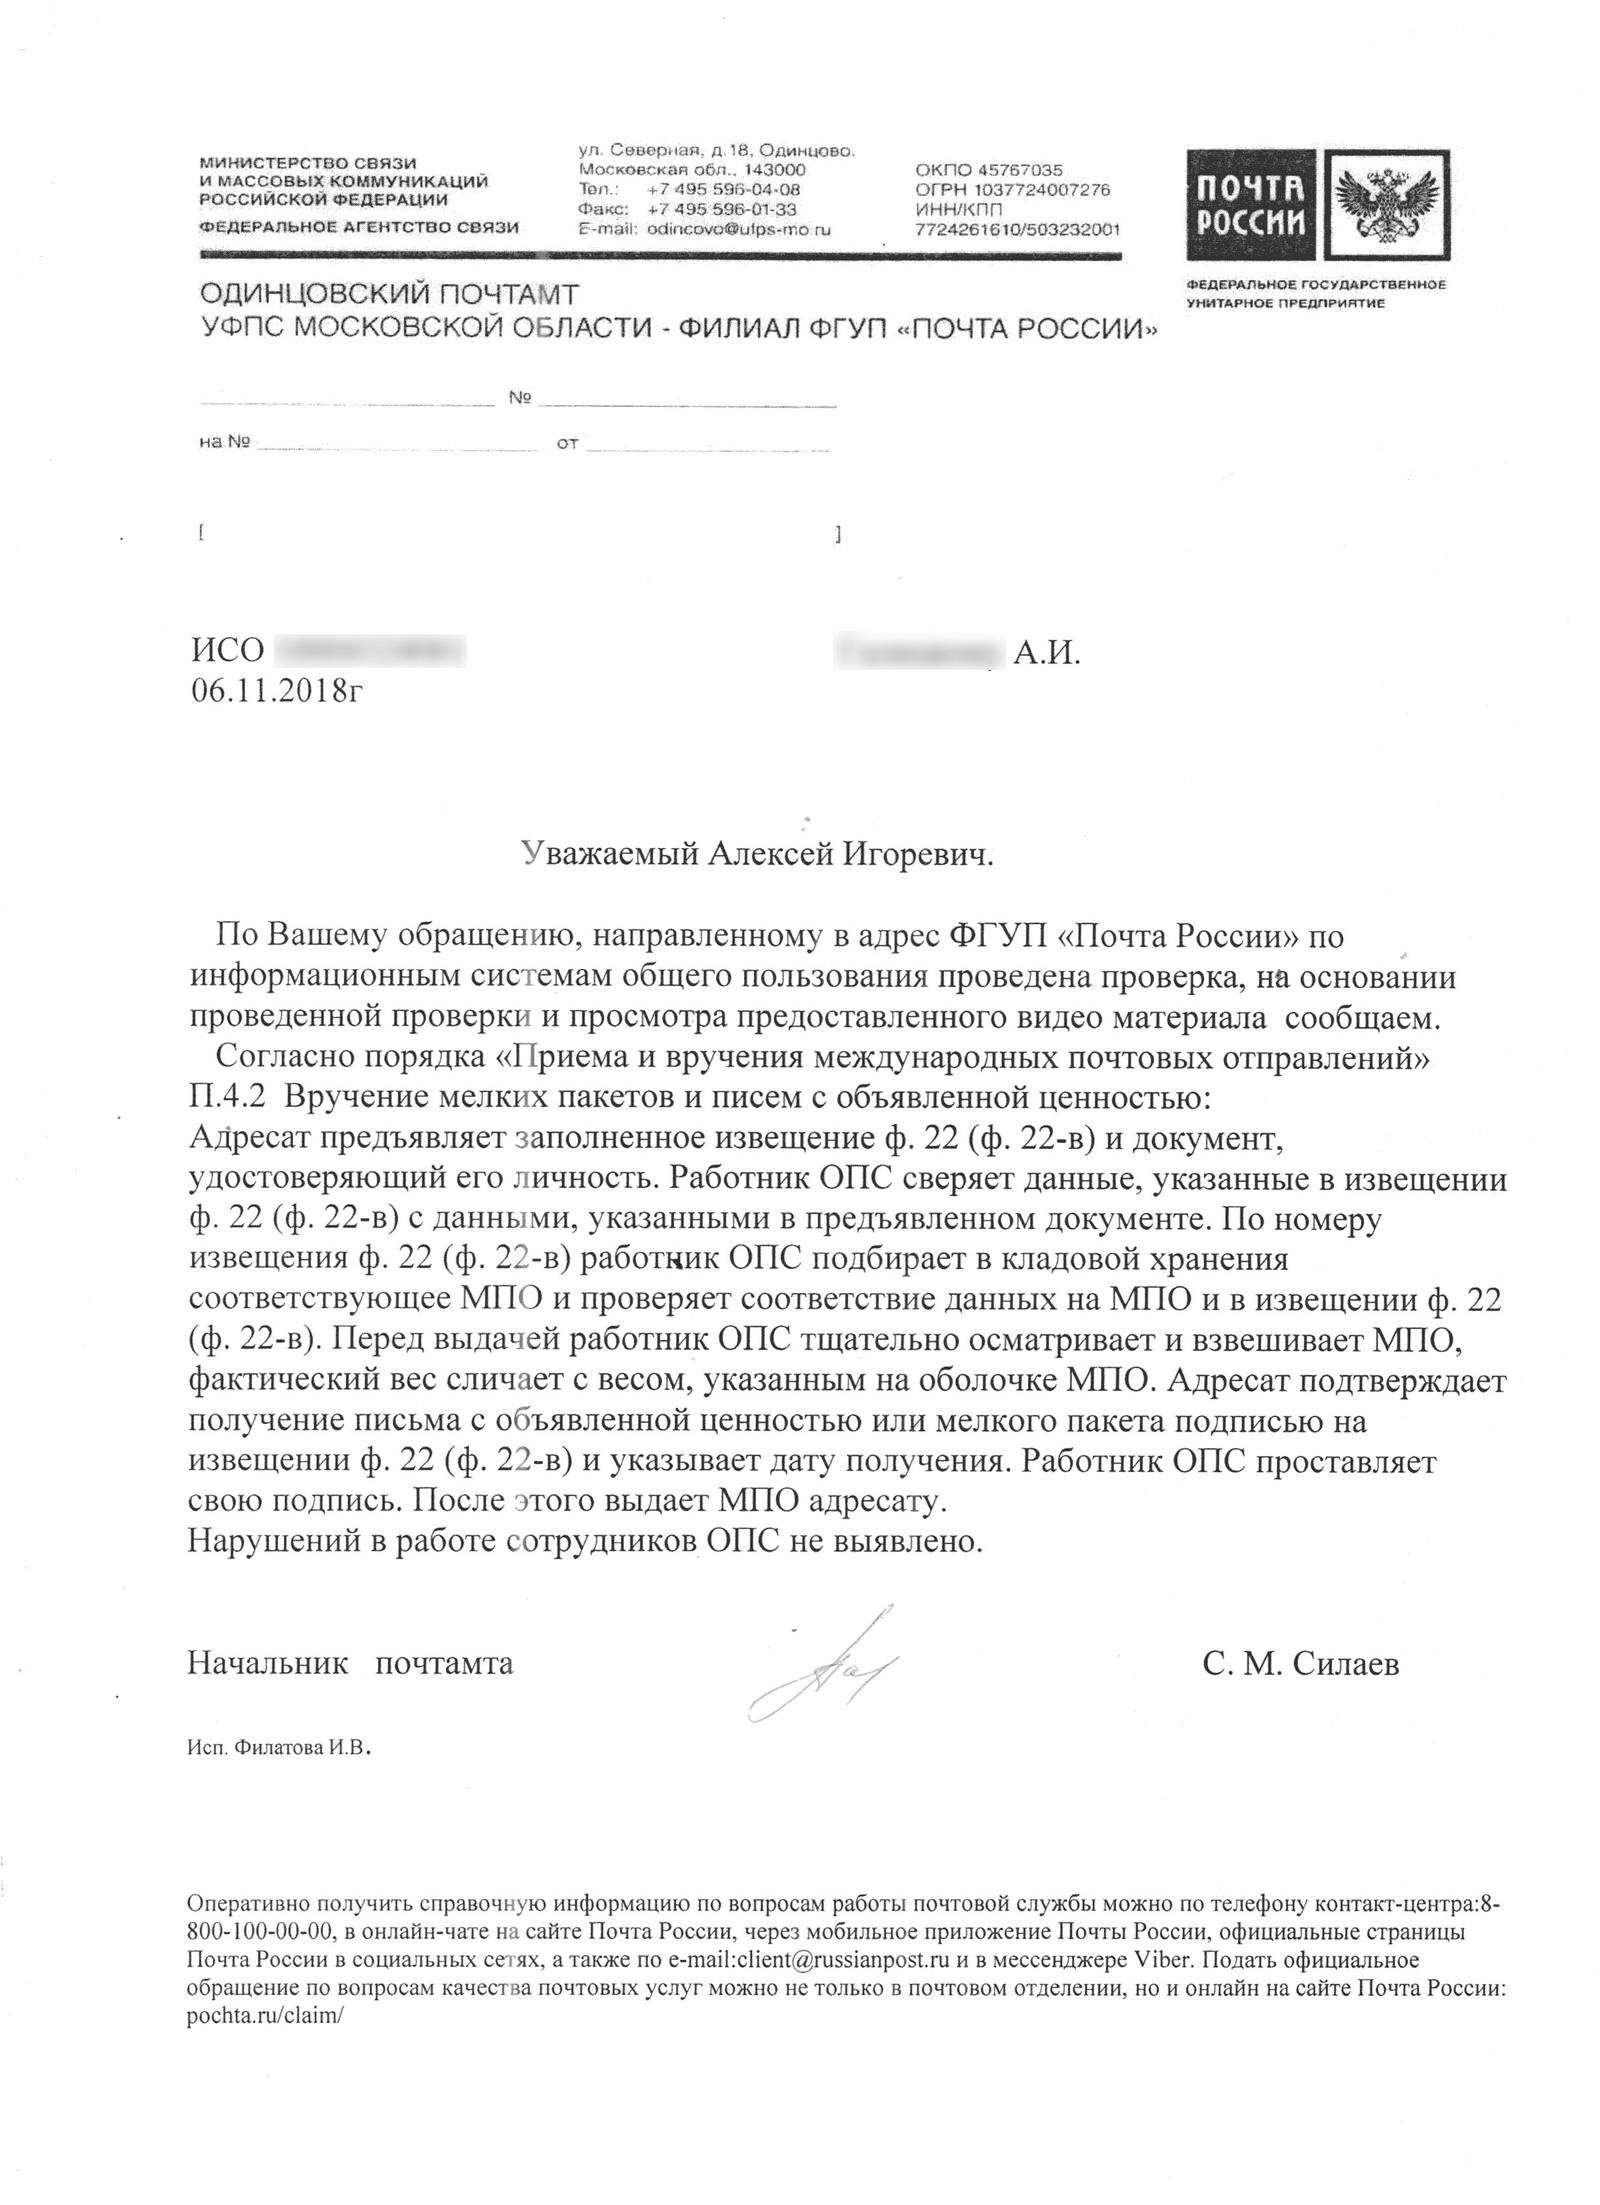 Доверенность от организации для почты россии